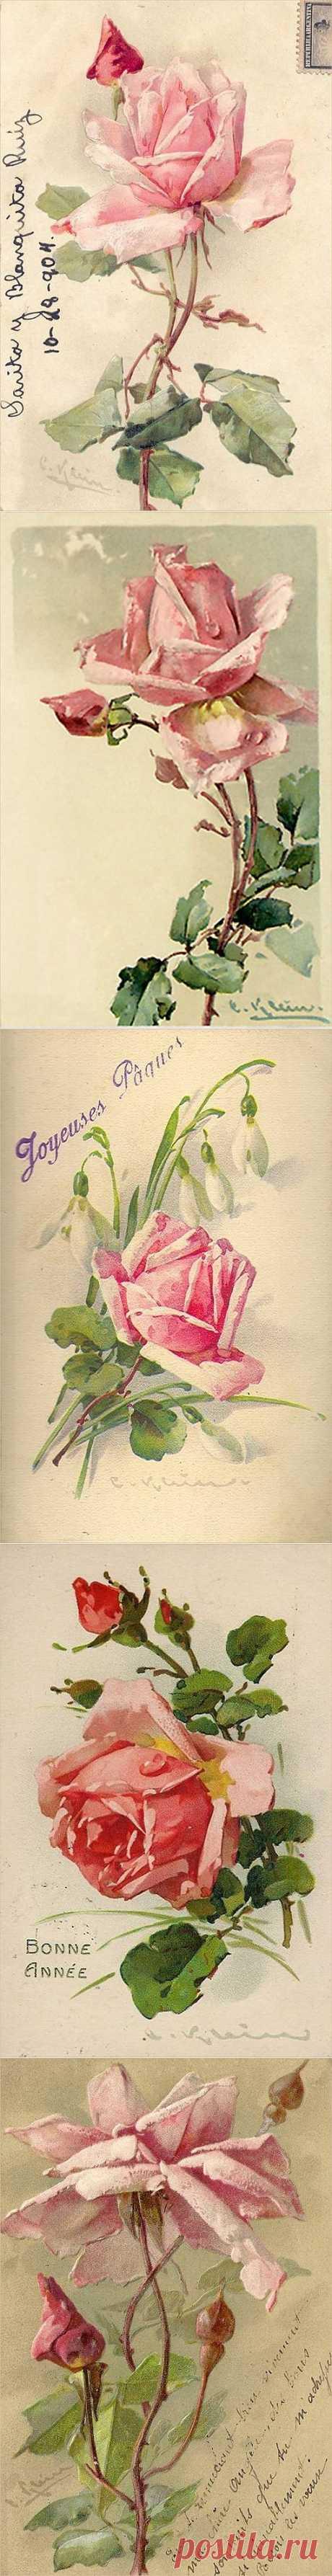 Розовая мечта. Старинные открытки. Ч - 1..